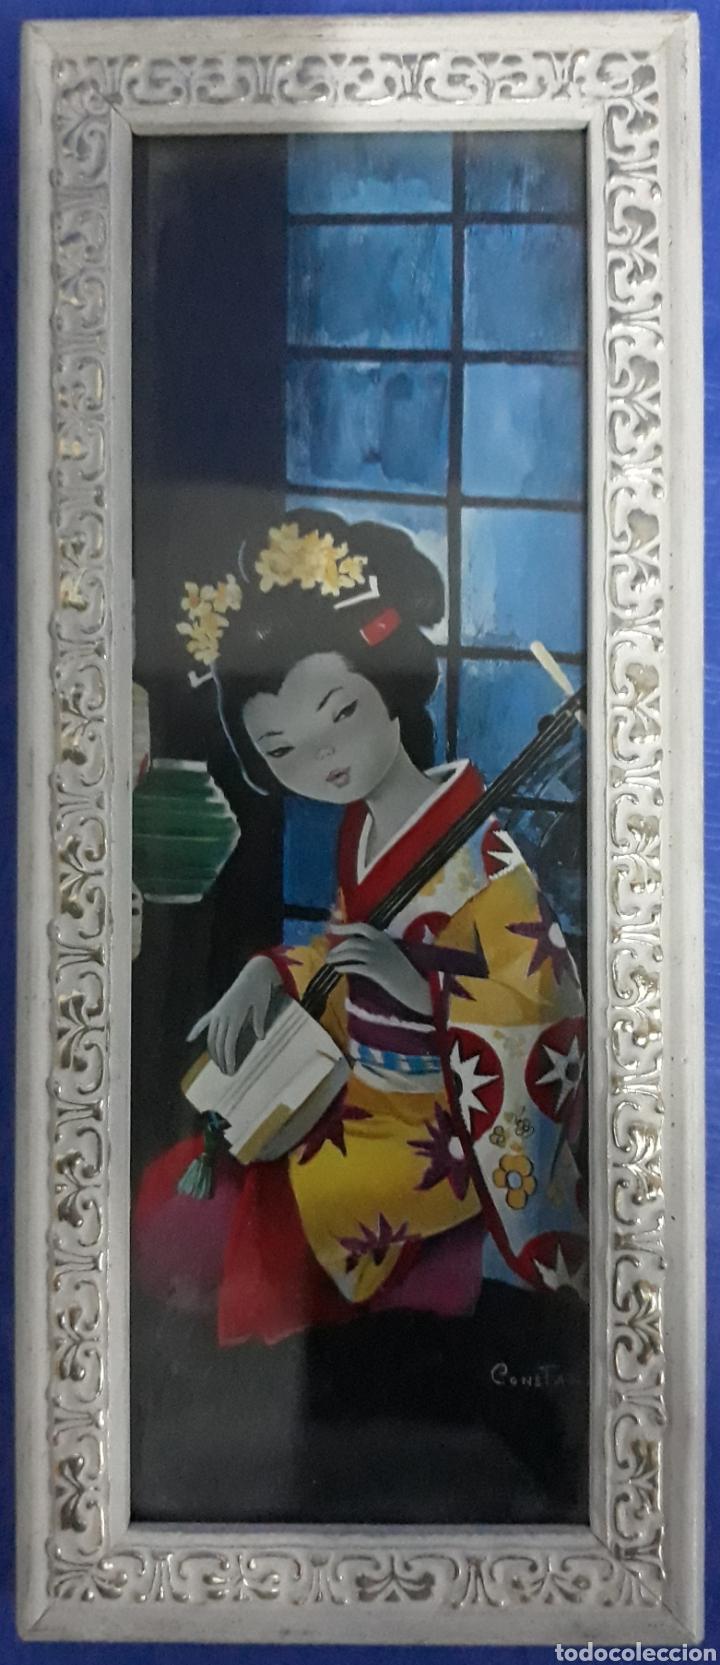 LAMINA ENMARCADA DAMA JAPONESA FIRMADO CONSTAN (Arte - Láminas Antiguas)